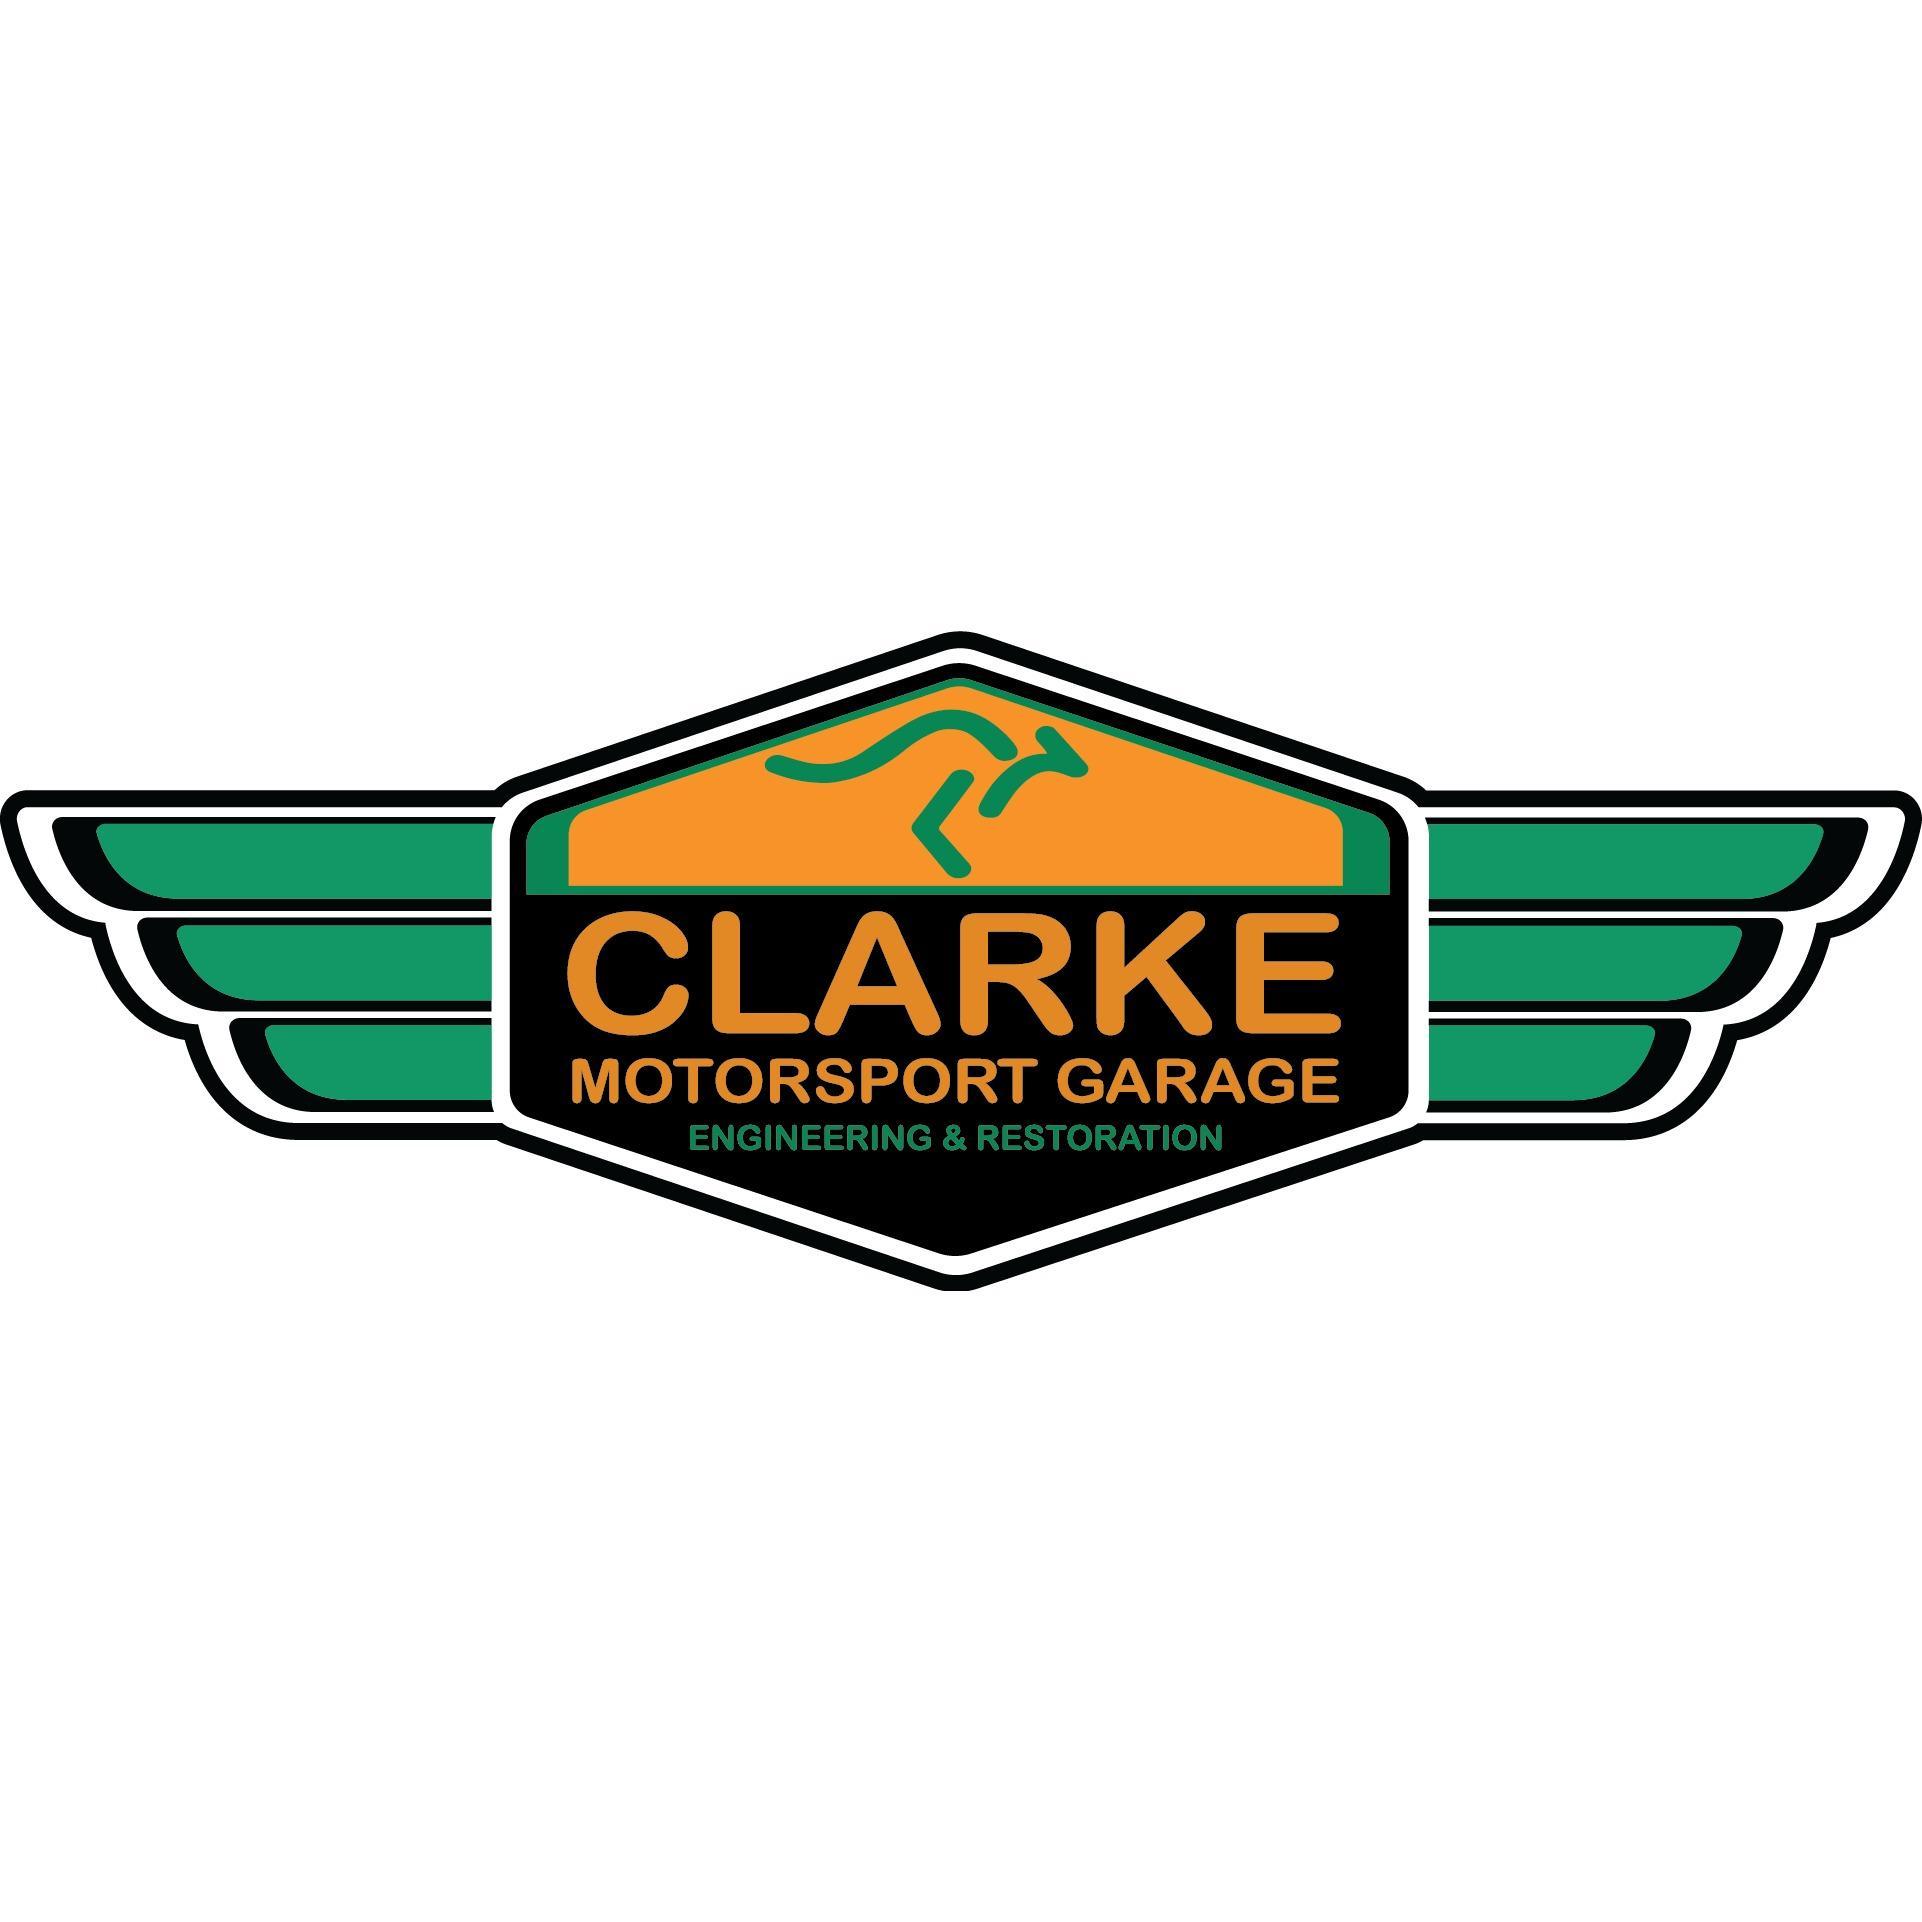 Clarke Motorsports